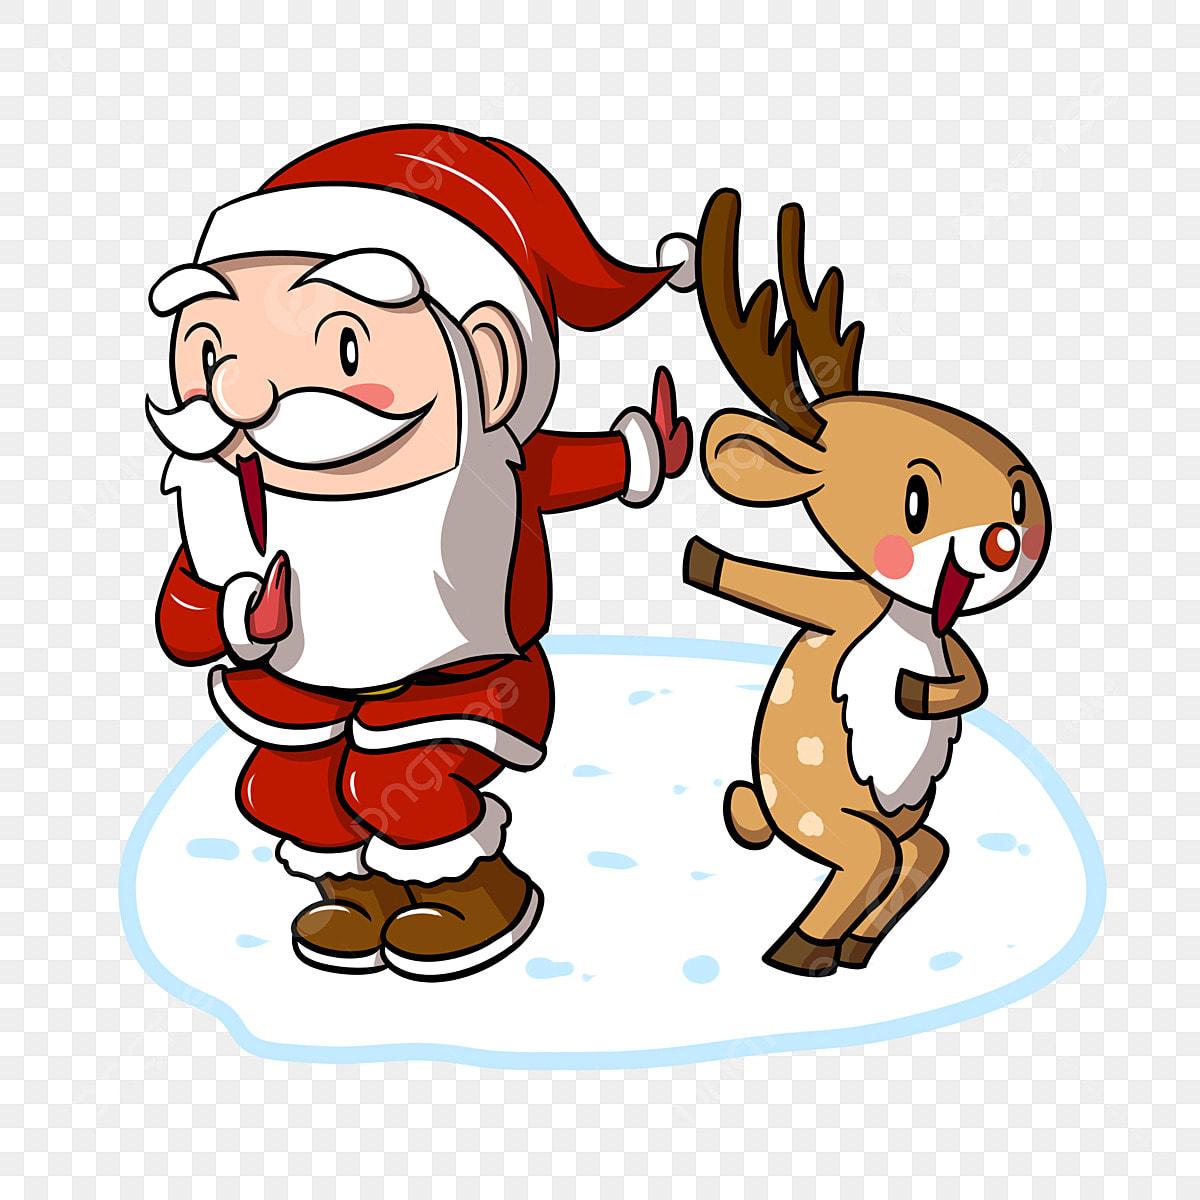 Le Père Noël Dessin Animé Renne De Noël Animé Dessin Animé